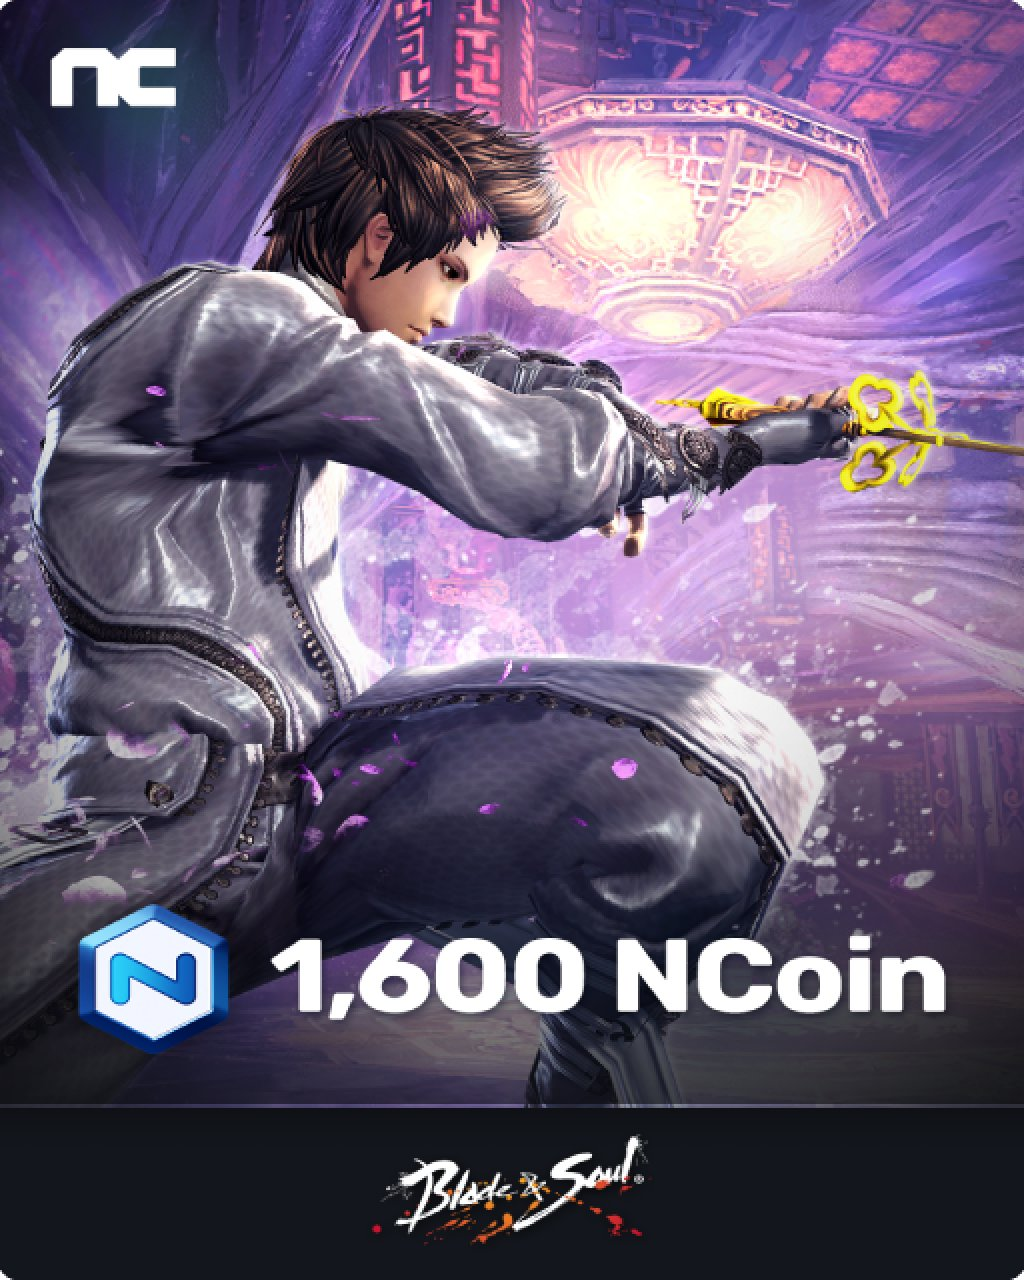 NCoin 1600 krabice